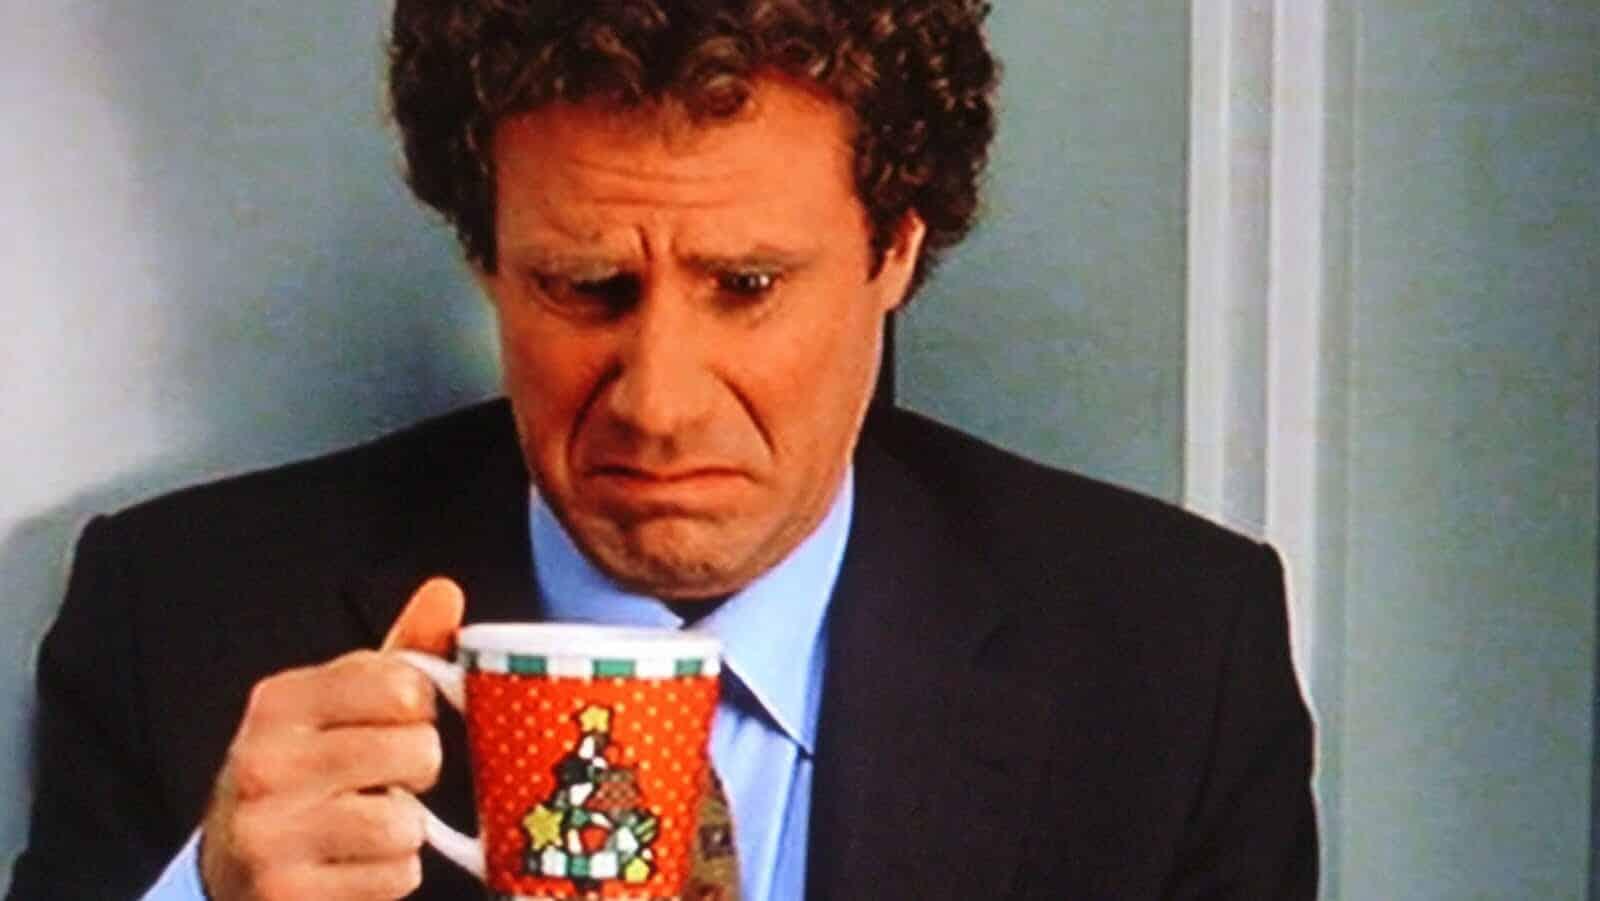 Bittere koffie slecht